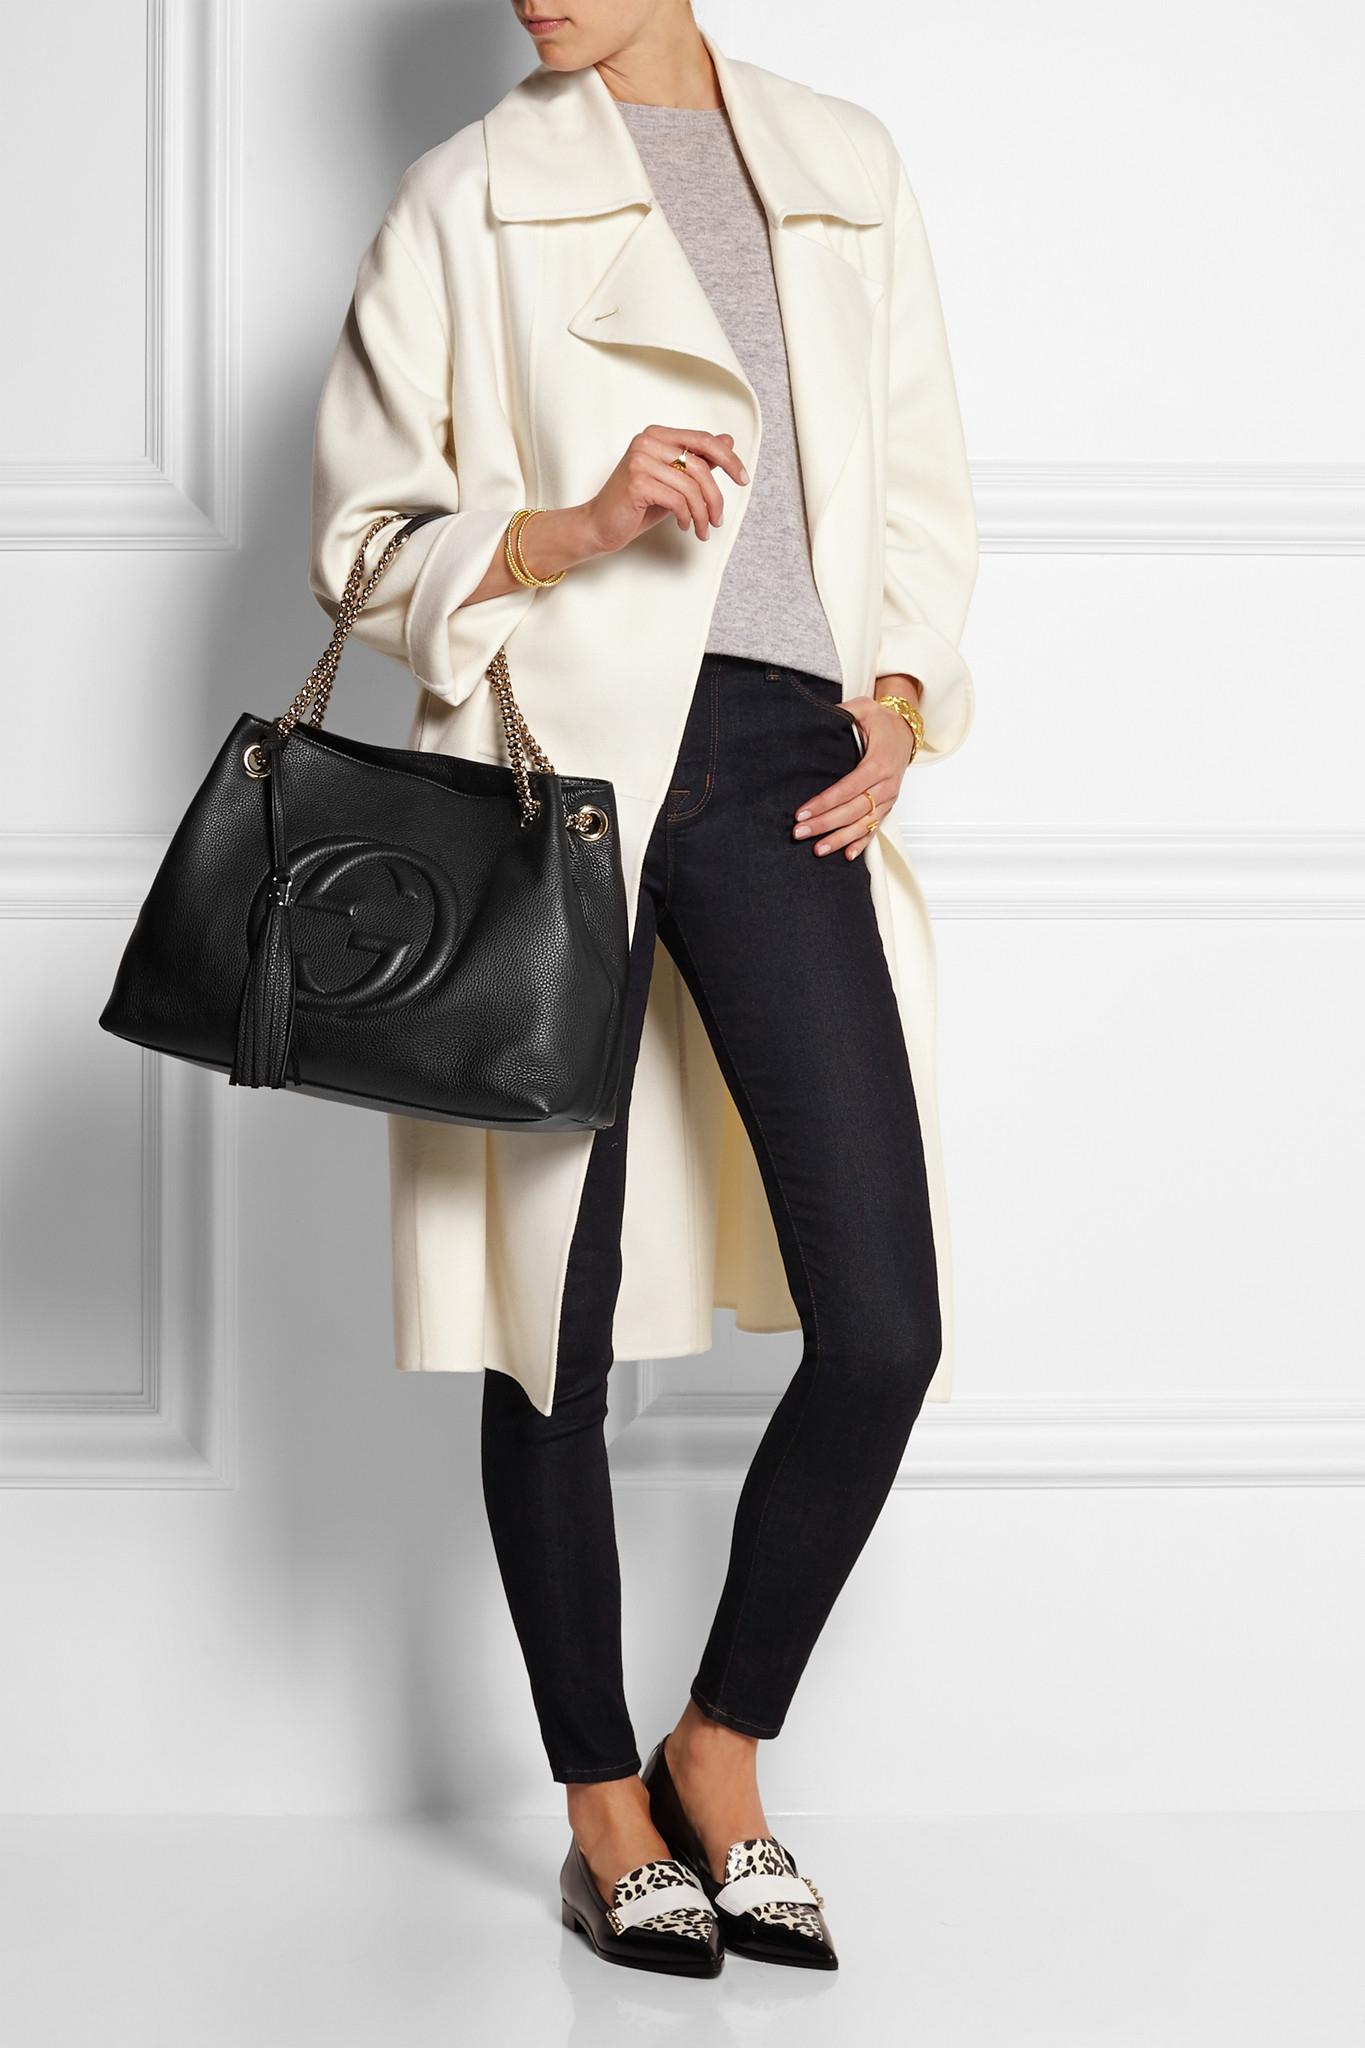 0f762df8f2bae7 Gucci Soho Medium Textured-leather Shoulder Bag in Black - Lyst